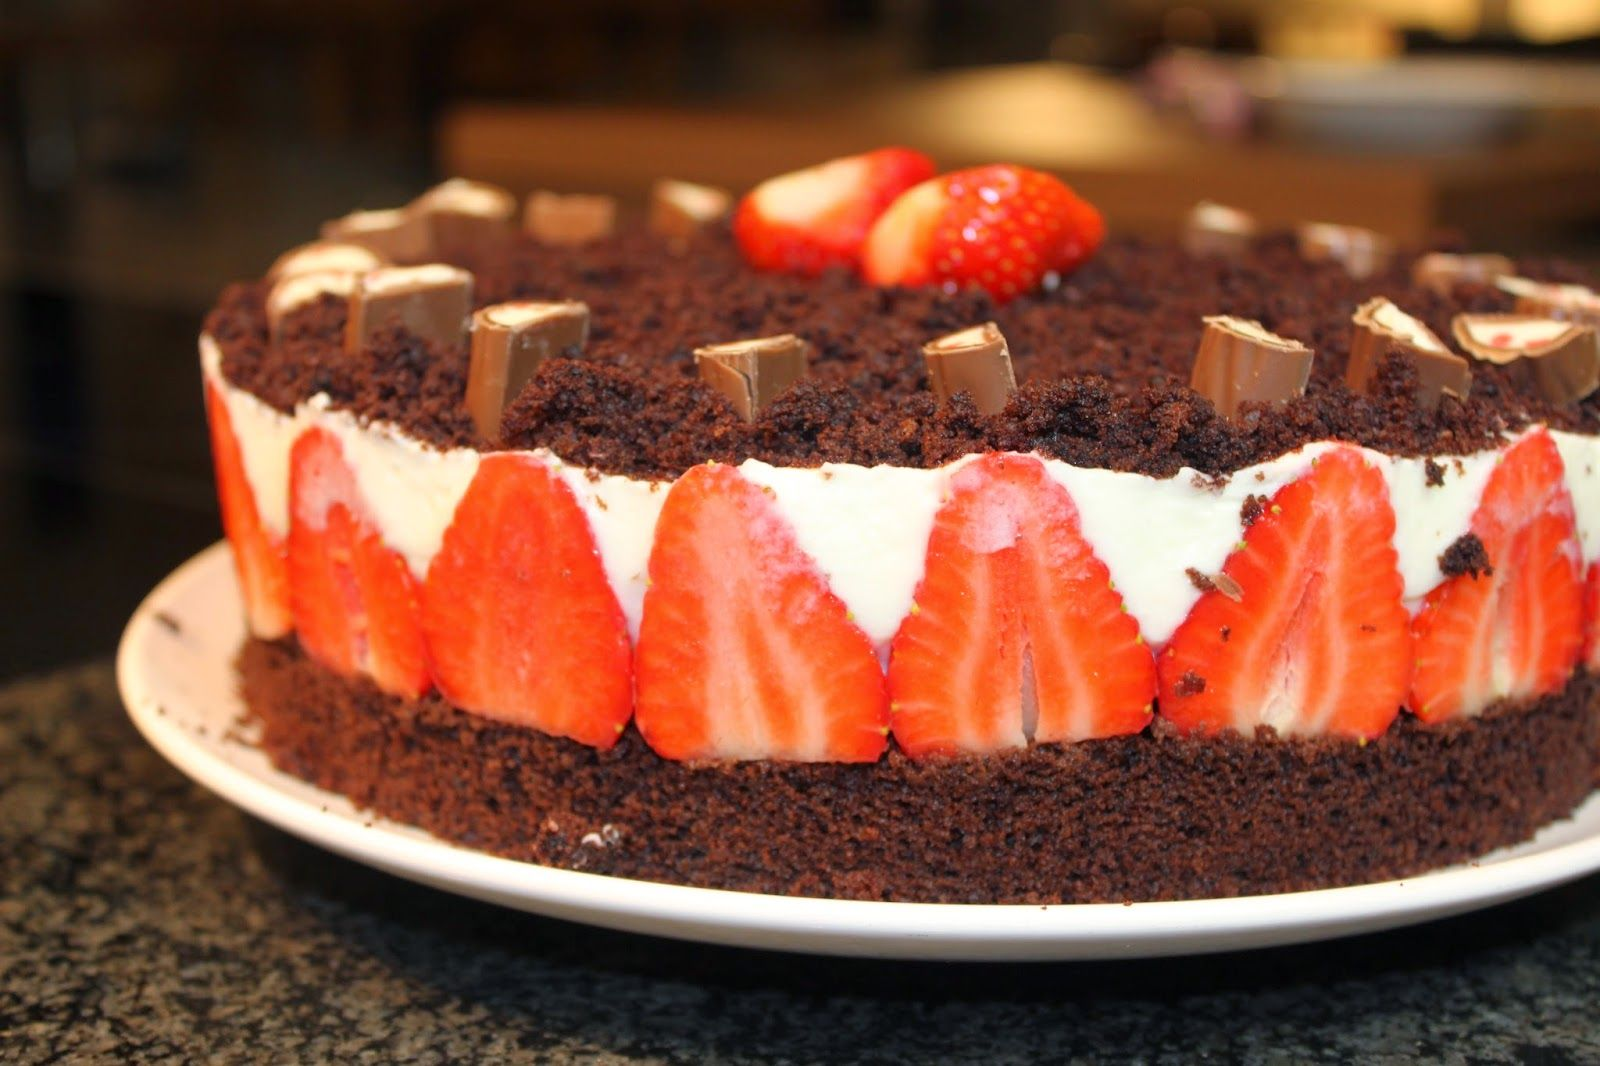 Sallys Tortenwelt Und Kochwelt Leckere Und Frische Erdbeere Schokotorte Mit Joghu Kaffee Und Kuchen Erdbeer Schoko Torte Lecker